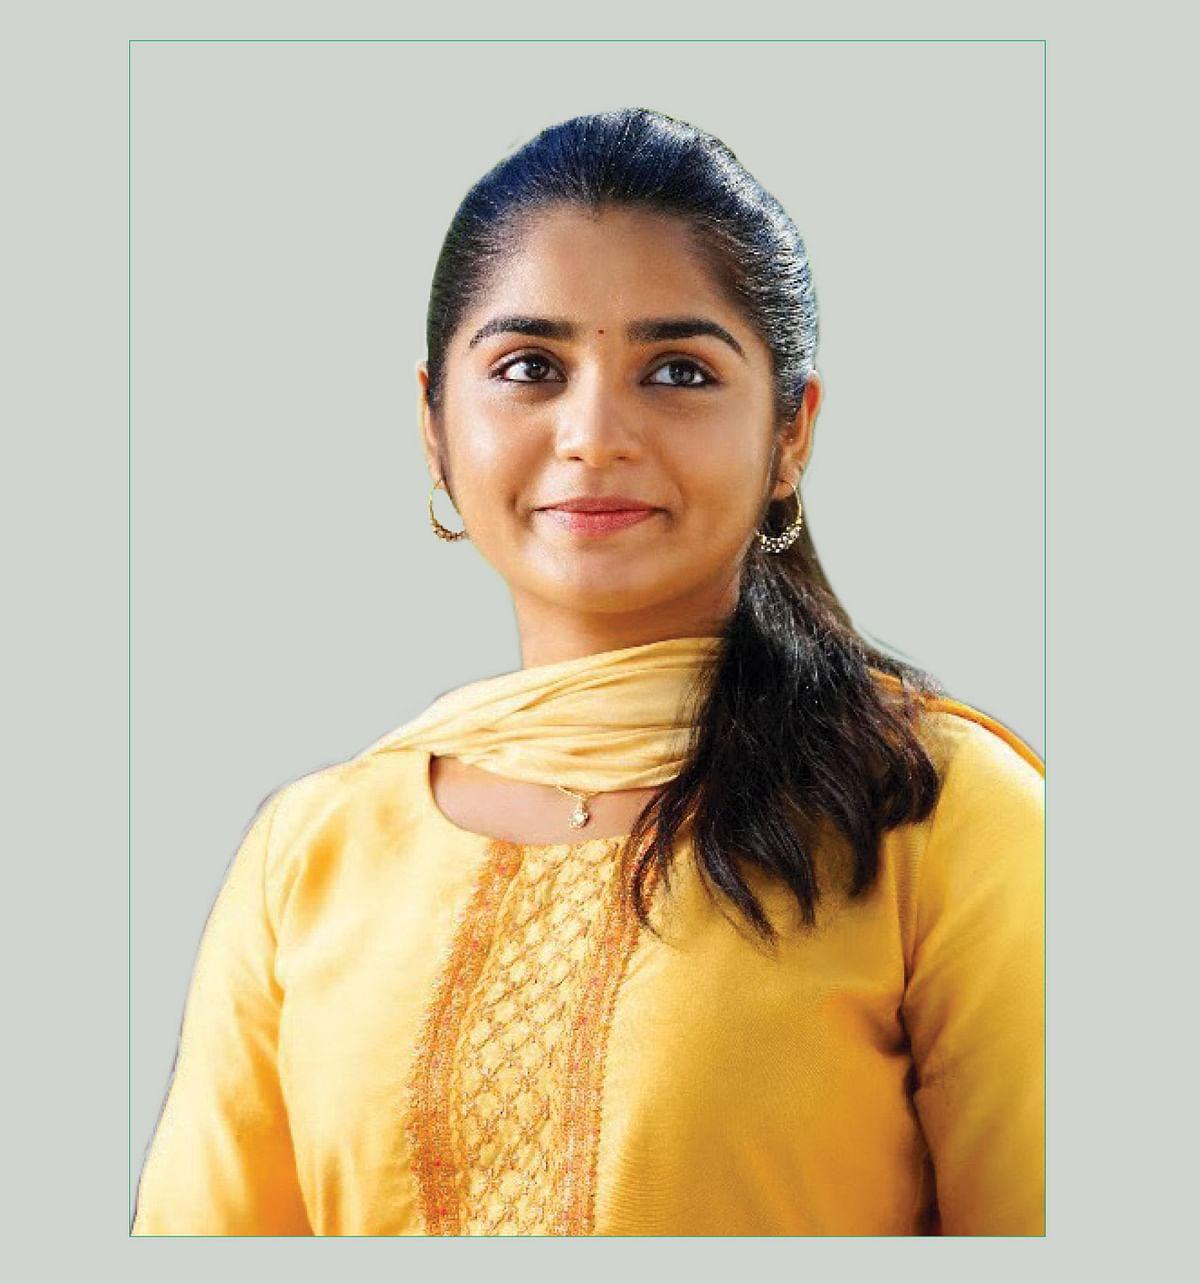 கெளரி கிஷன்